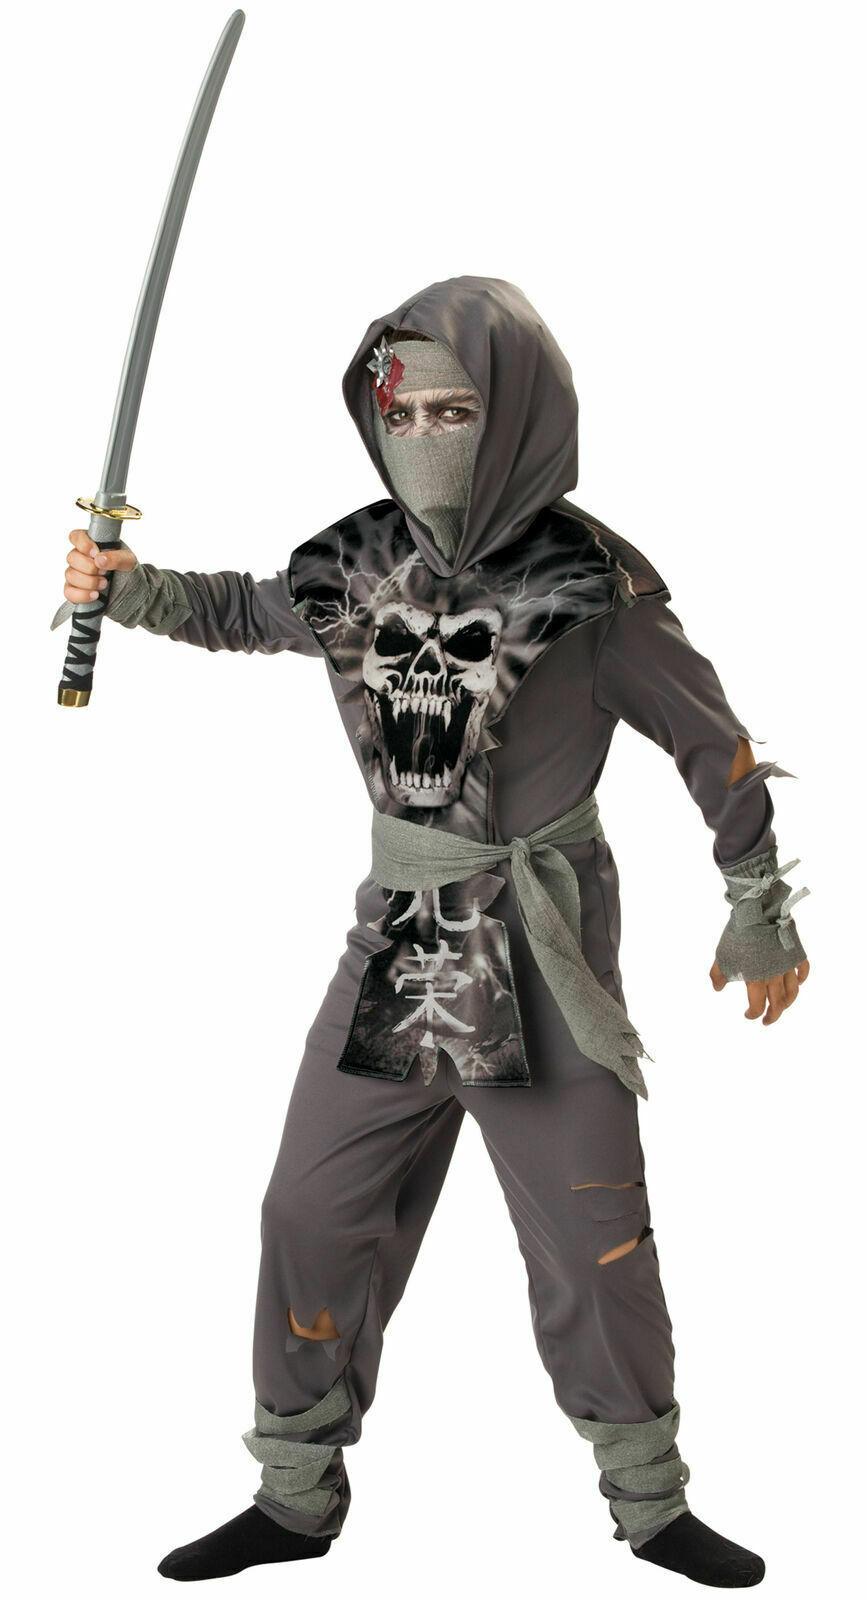 Incharacter Zombie Ninja Krieger Skelett Kinder Halloween Kostüm CB92002